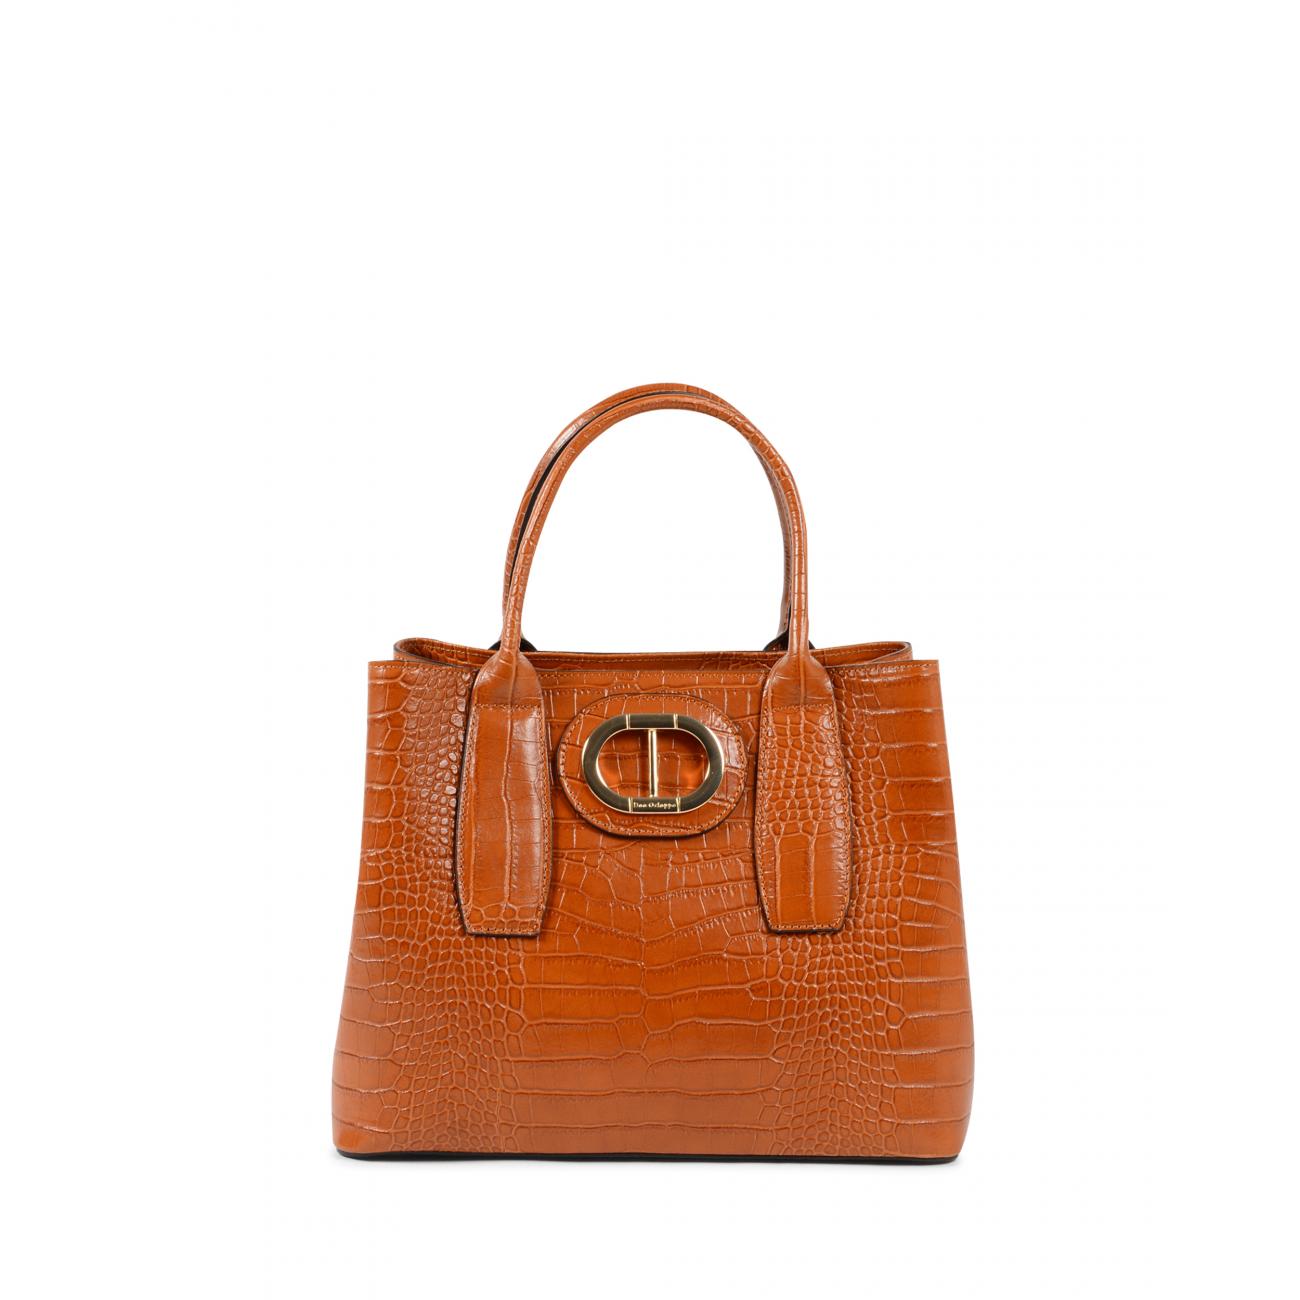 Dee Ocleppo Womens Handbag DC1615 COCCO PRINT CUOIO